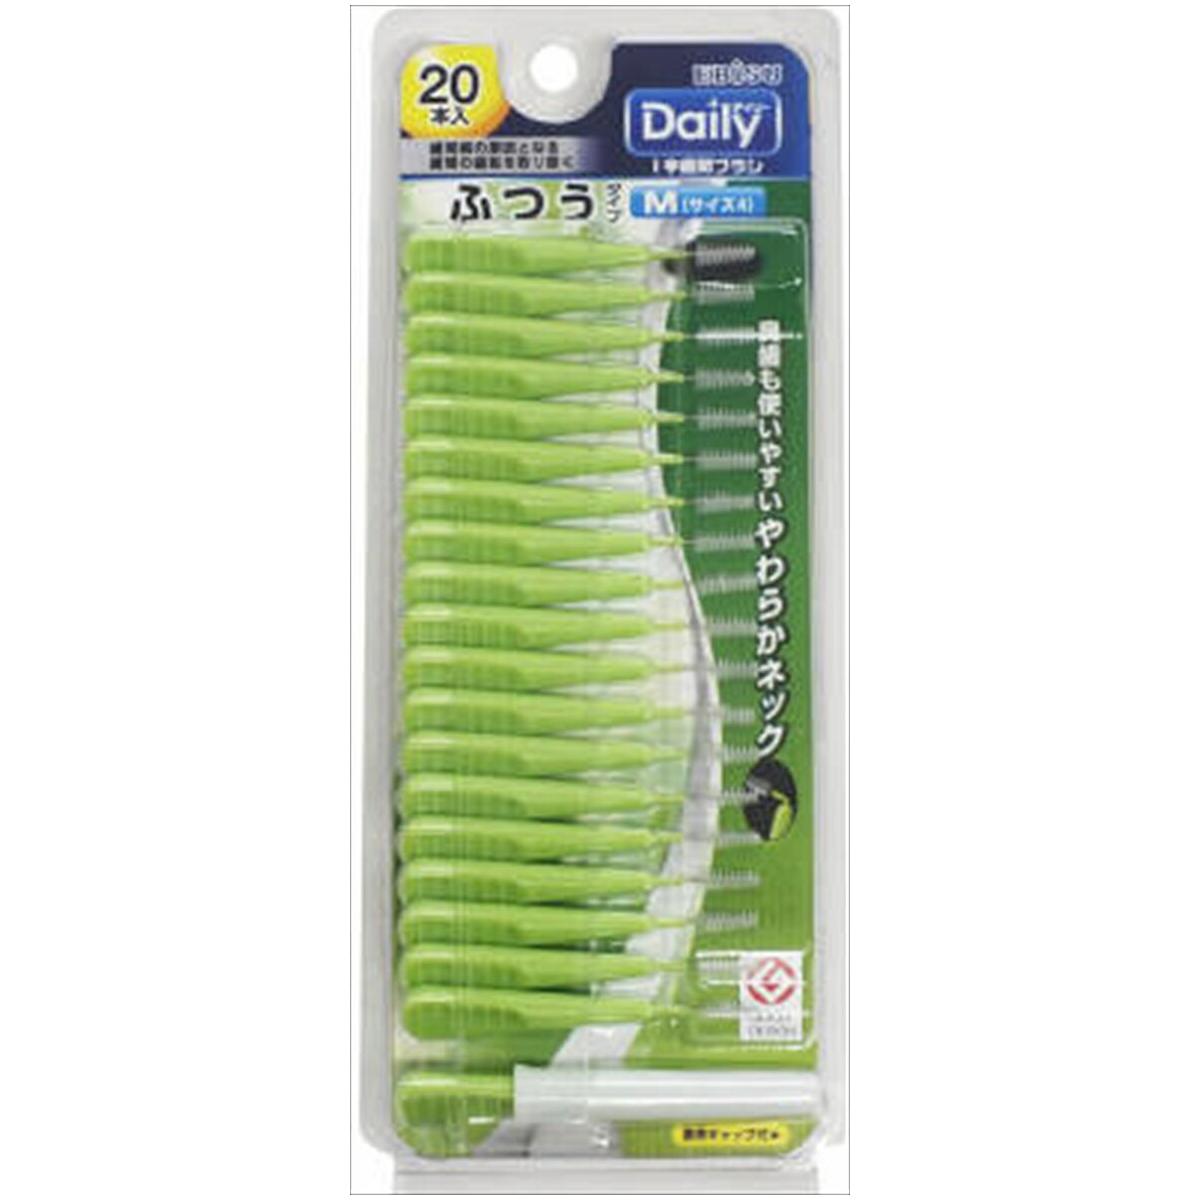 【送料無料】エビス デイリー 歯間ブラシ 20本入りM×240点セット ( 通過径1.2~1.5ミリ ) ( 4901221845141 )